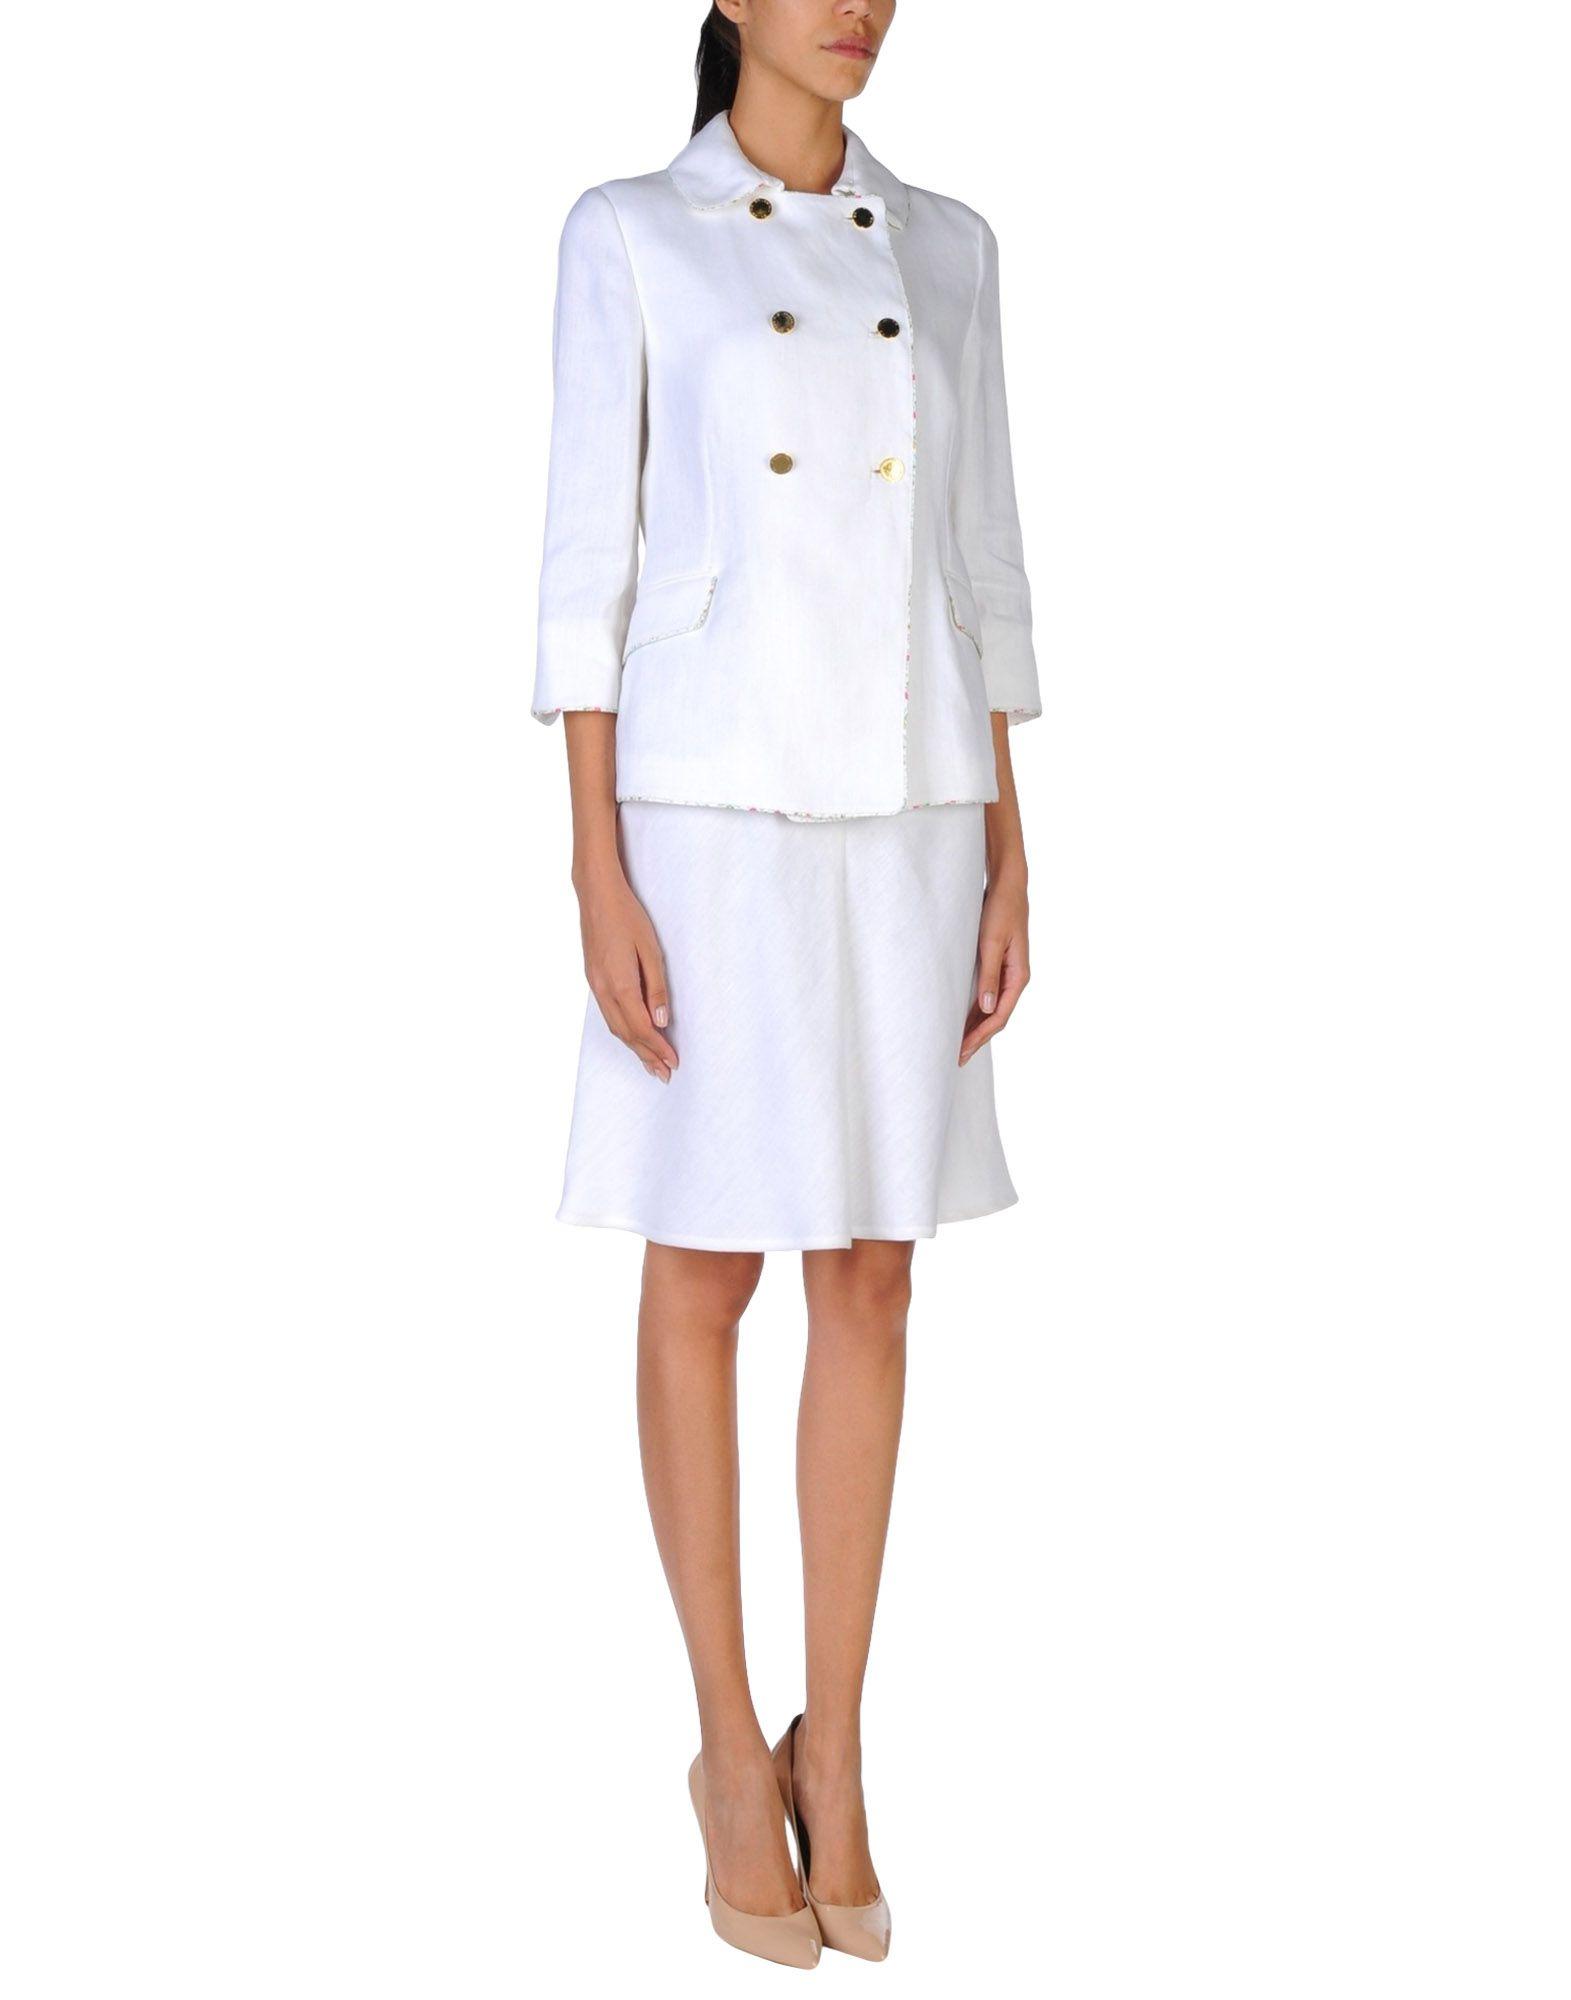 где купить BALLANTYNE Классический костюм по лучшей цене